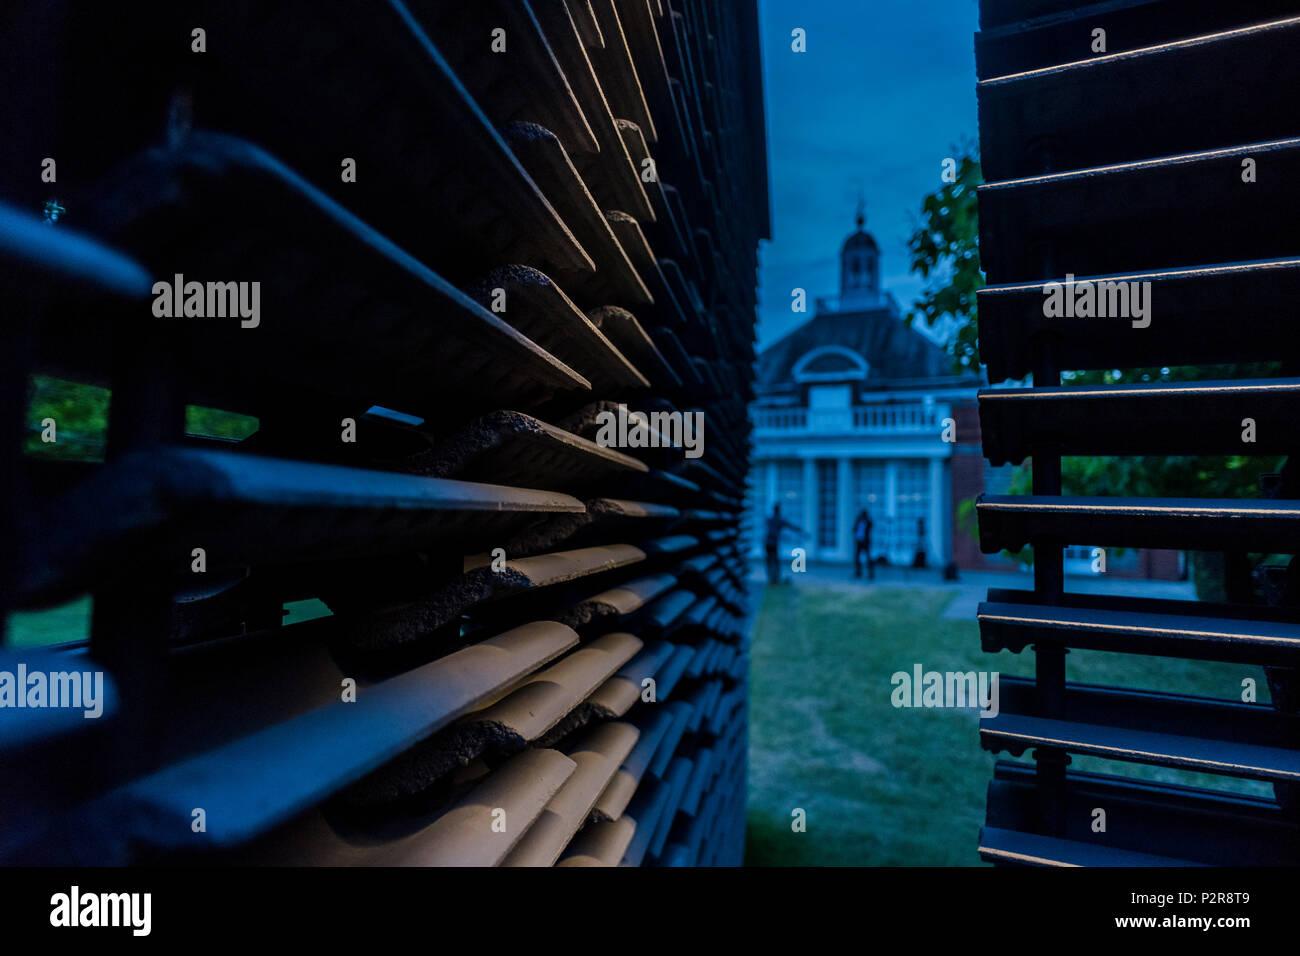 Escobado Stock Photos & Escobado Stock Images - Alamy